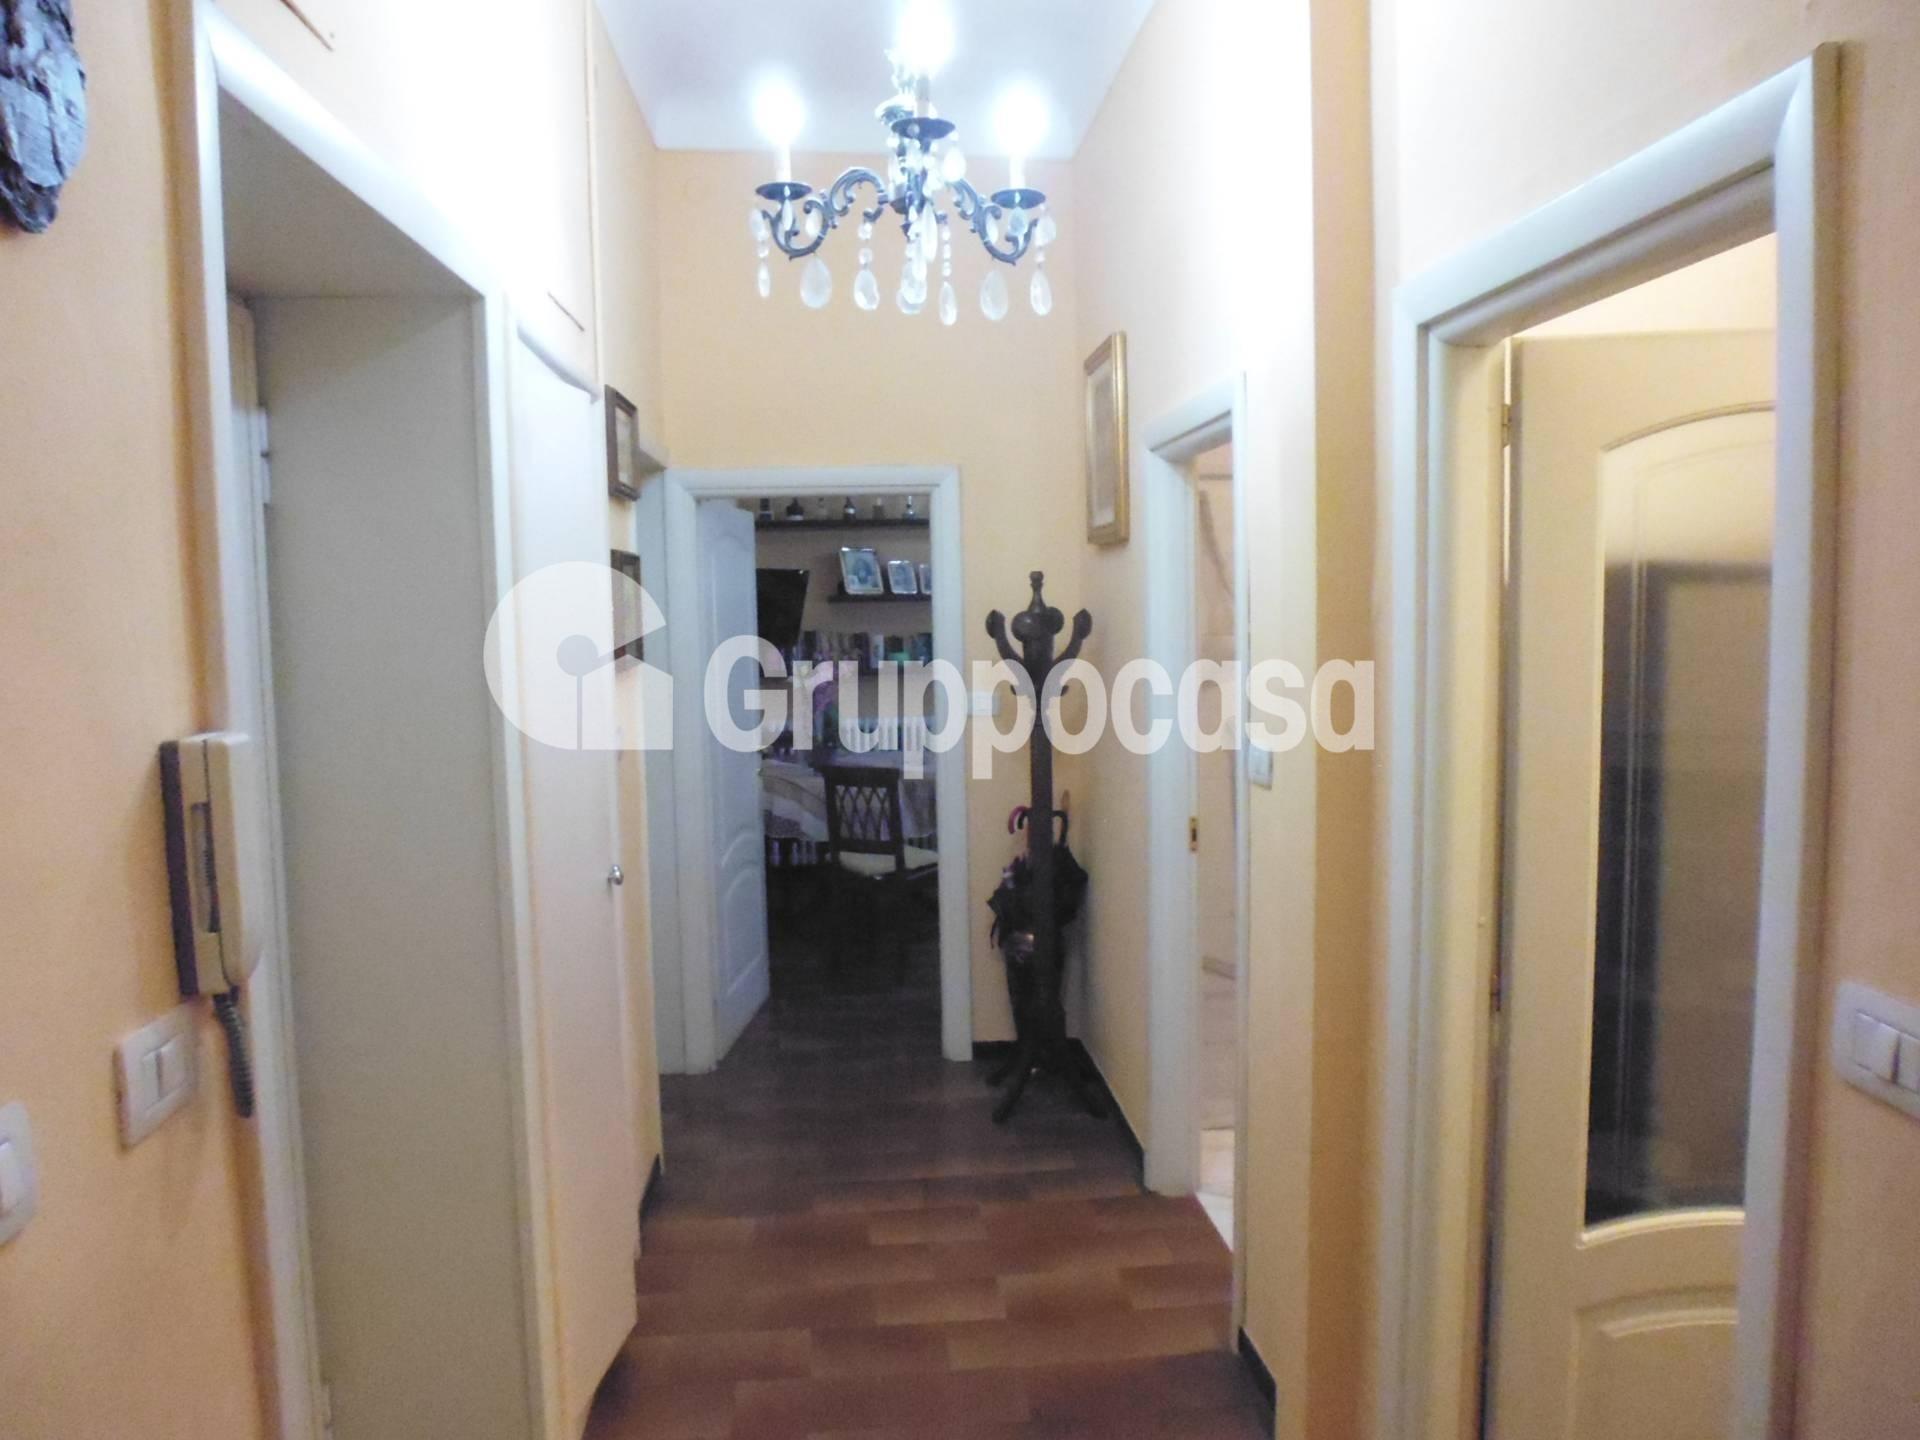 Appartamento in Vendita a Milano 30 Niguarda / Bovisasca / Testi / Bruzzano / Affori / Comasina:  4 locali, 125 mq  - Foto 1